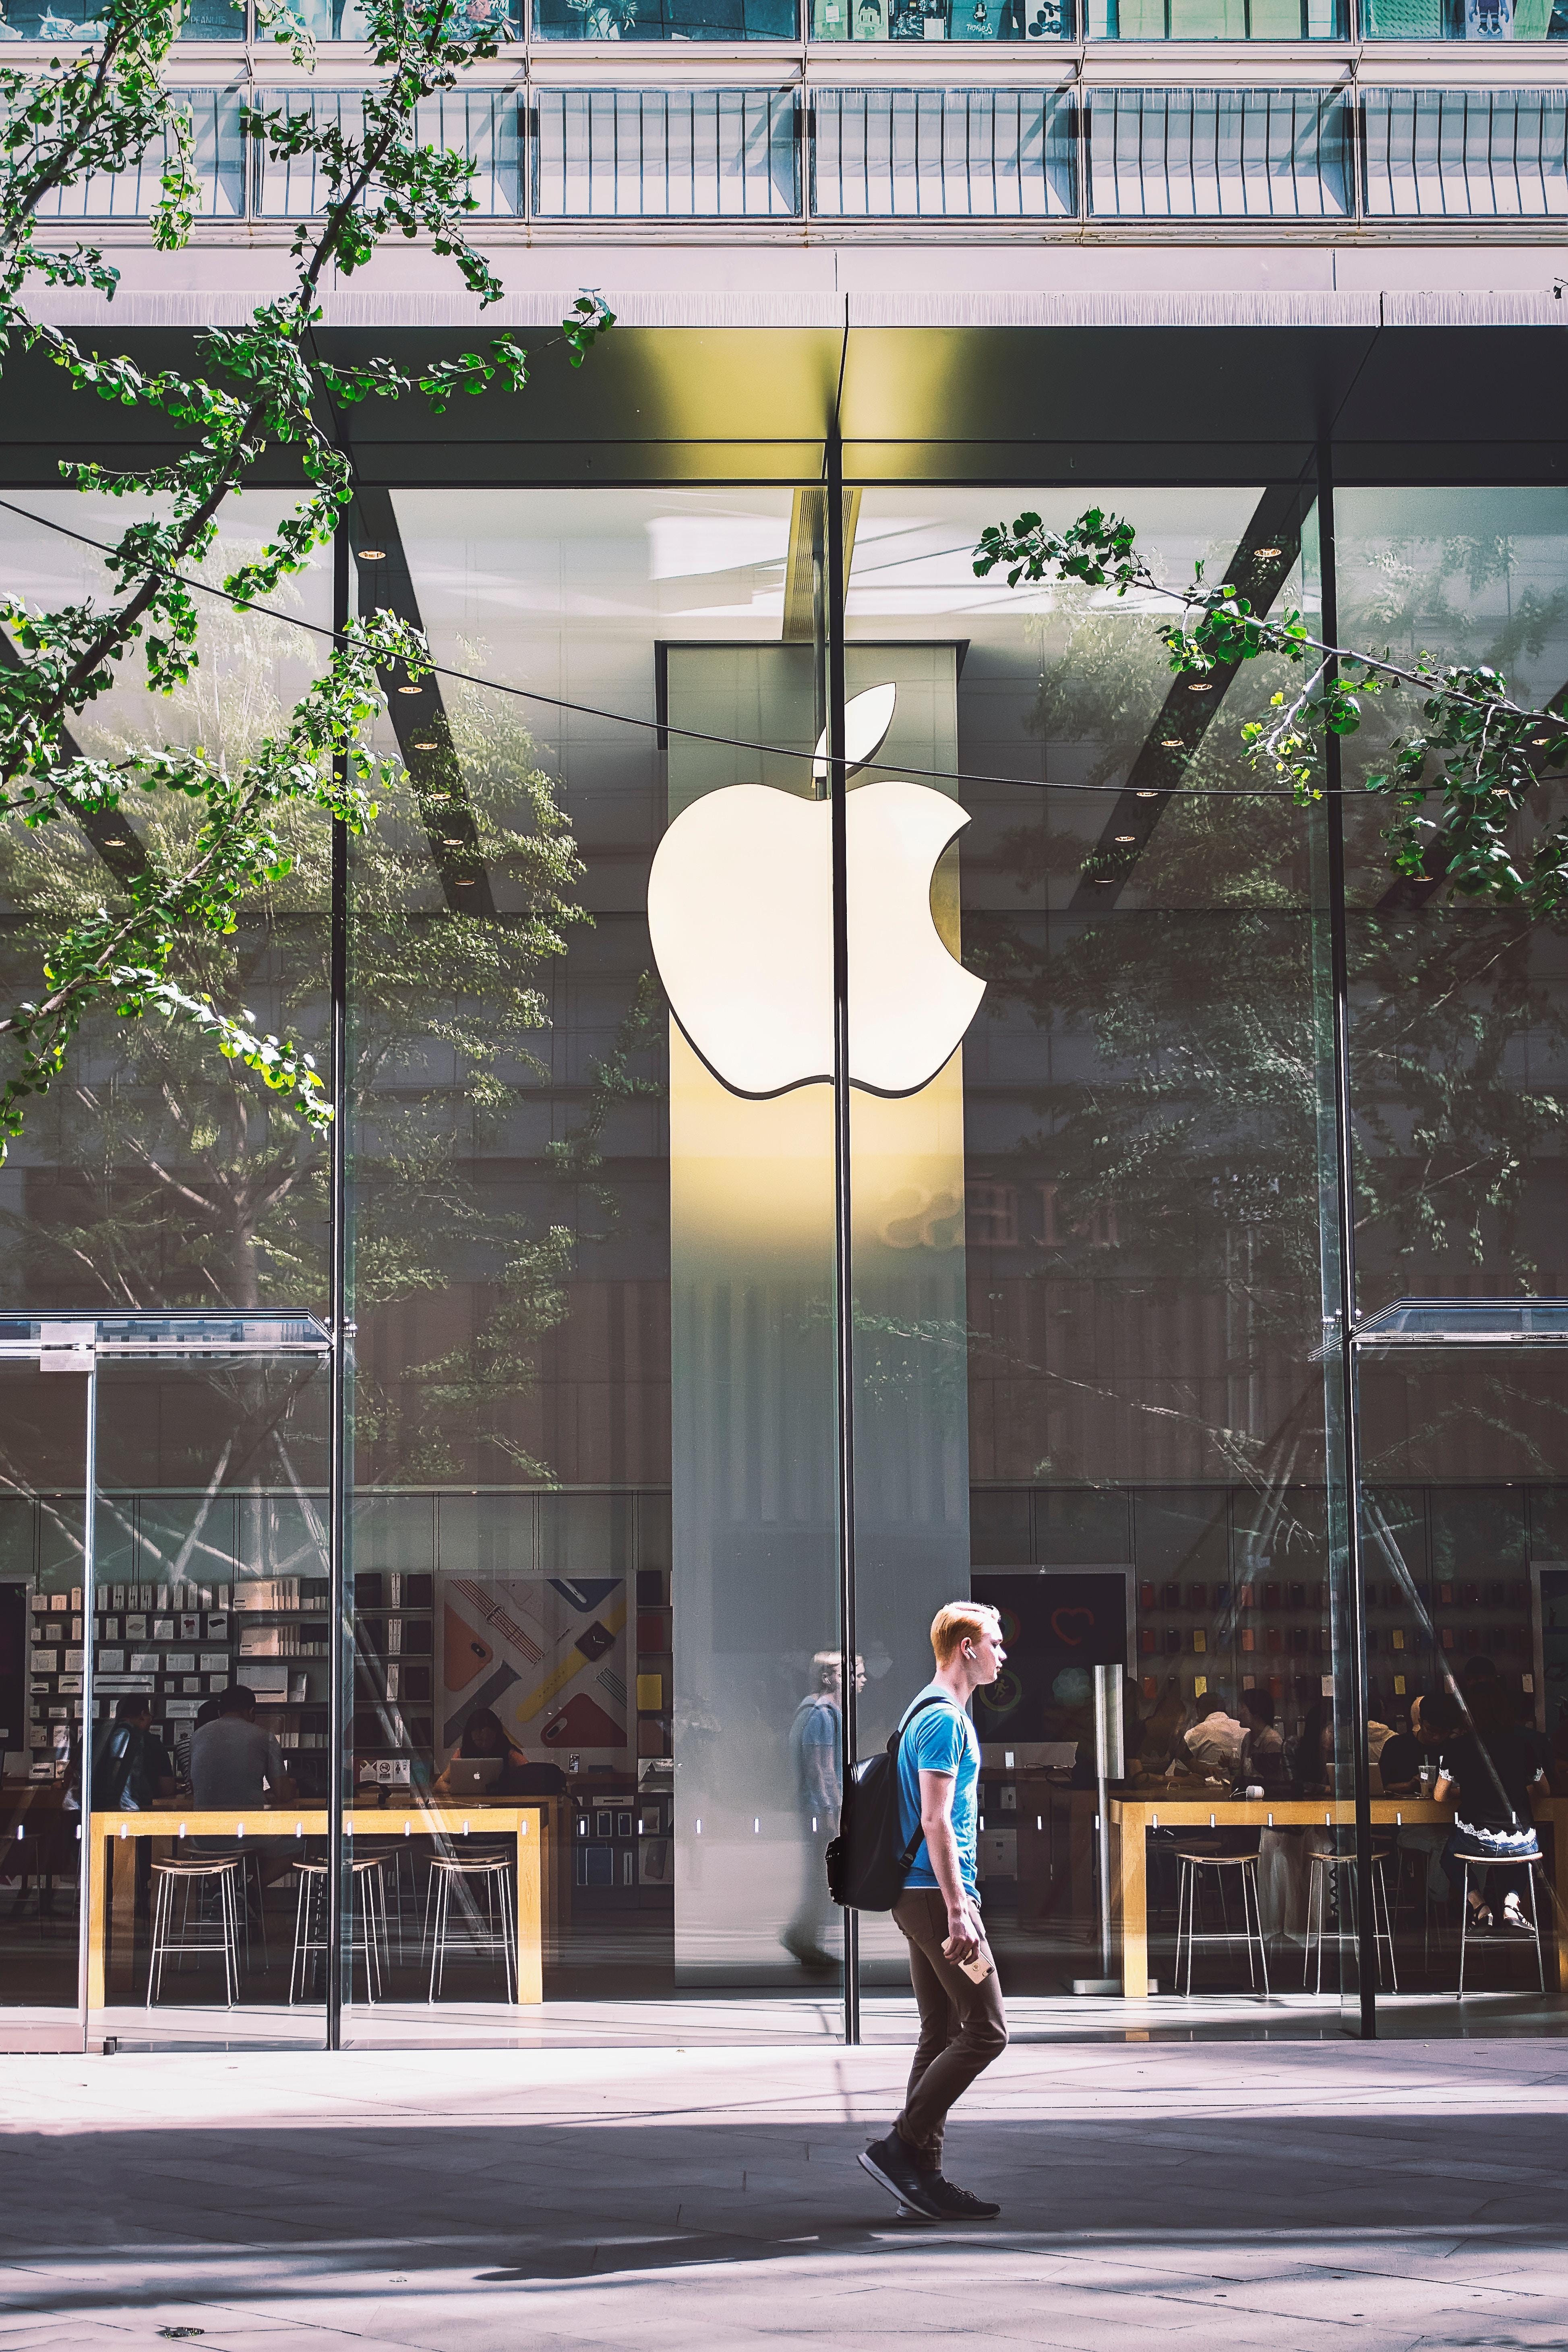 Nuovo Apple store a Milano: cosa è cambiato dal primo negozio ad oggi?